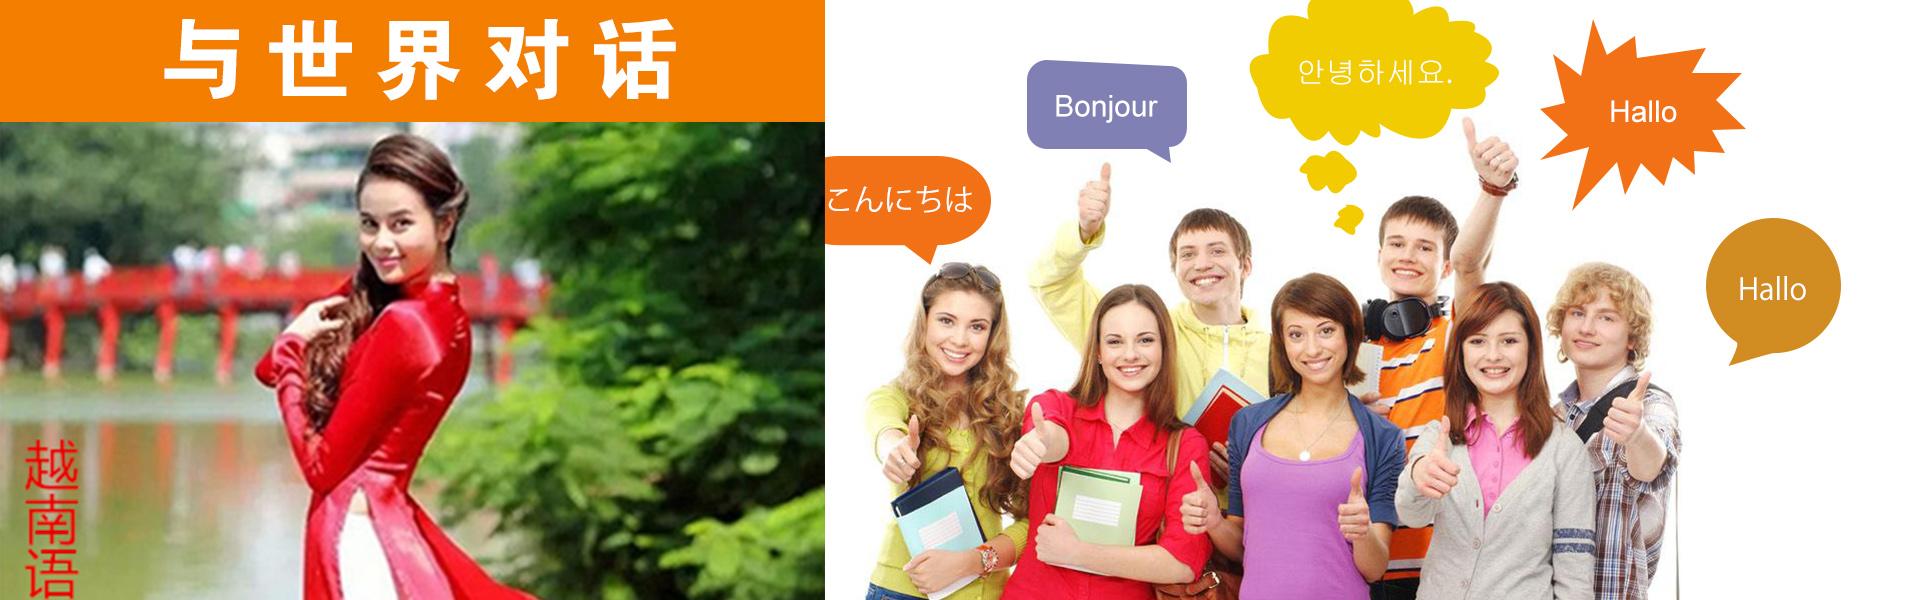 广西越南语培训,南宁日语培训,广西南宁学日语